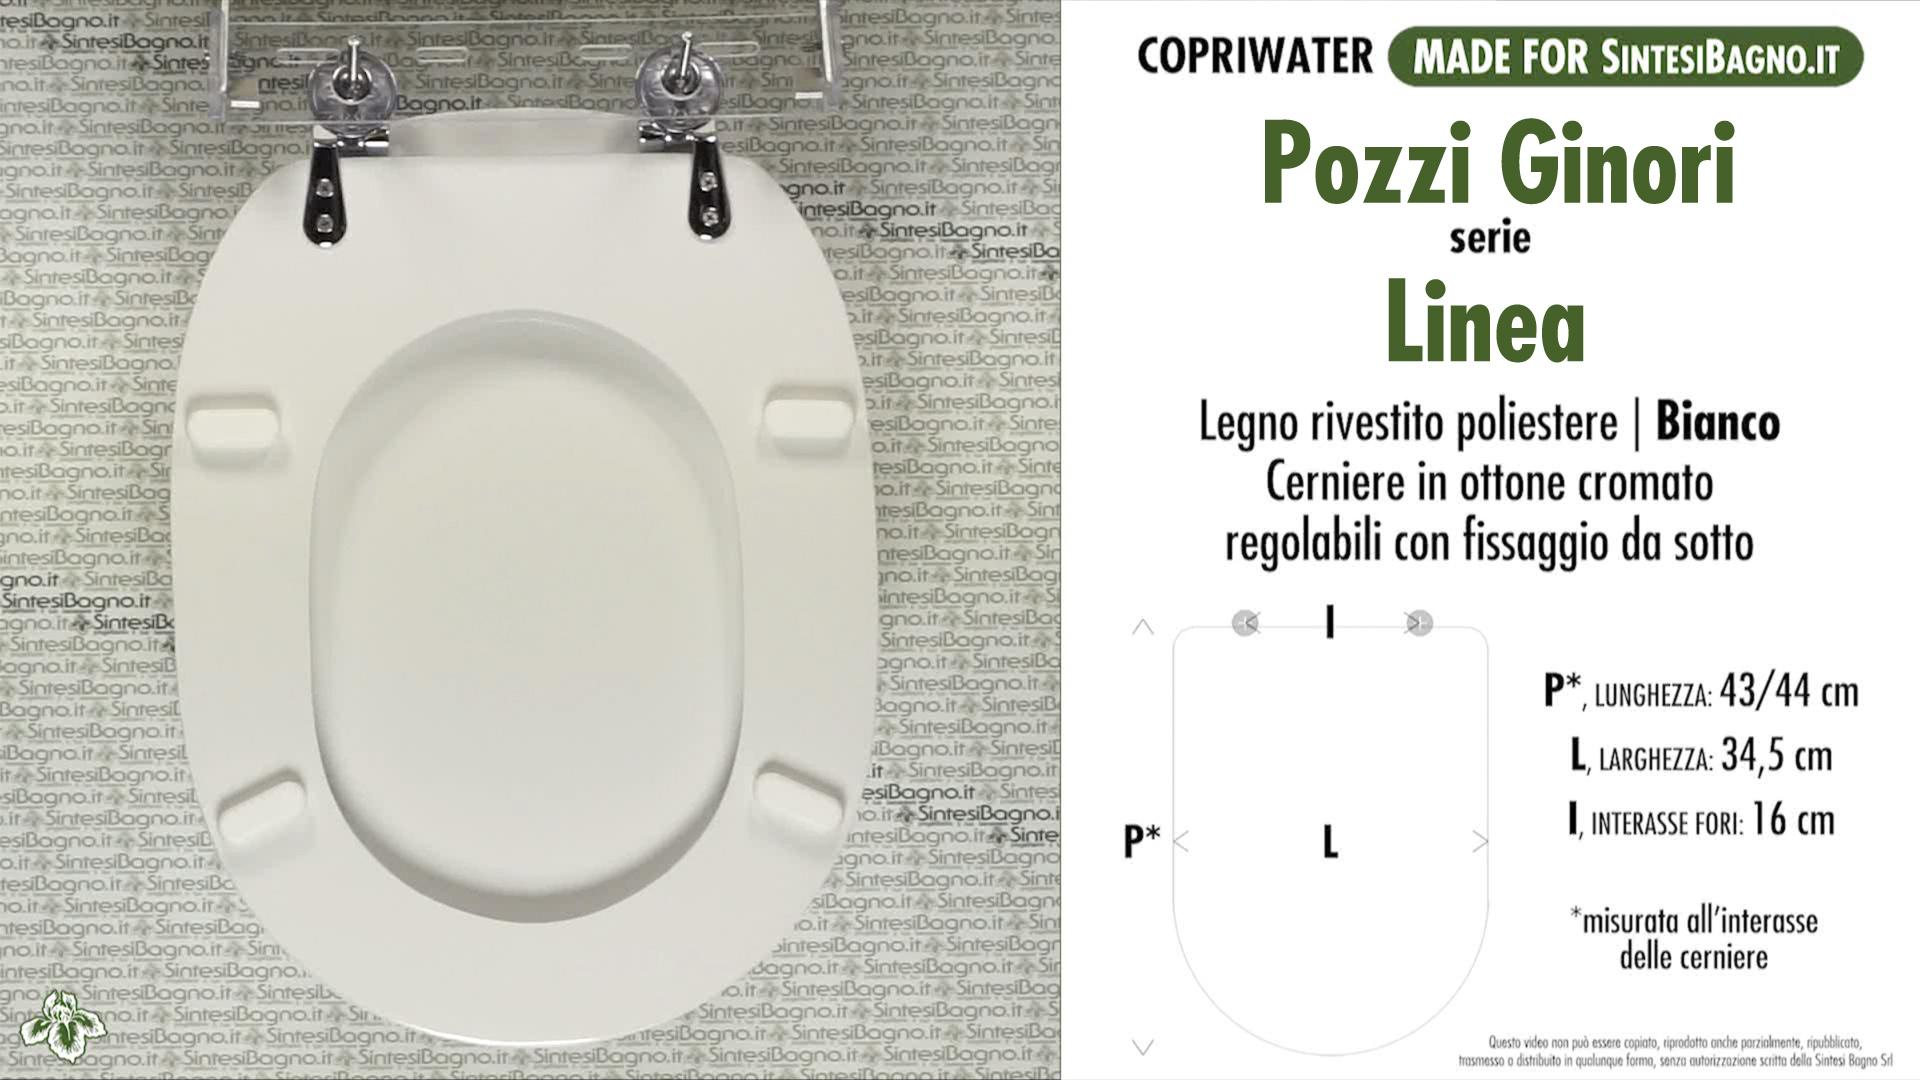 Copriwater Sedile WC per WC POZZI GINORI modello LINEA